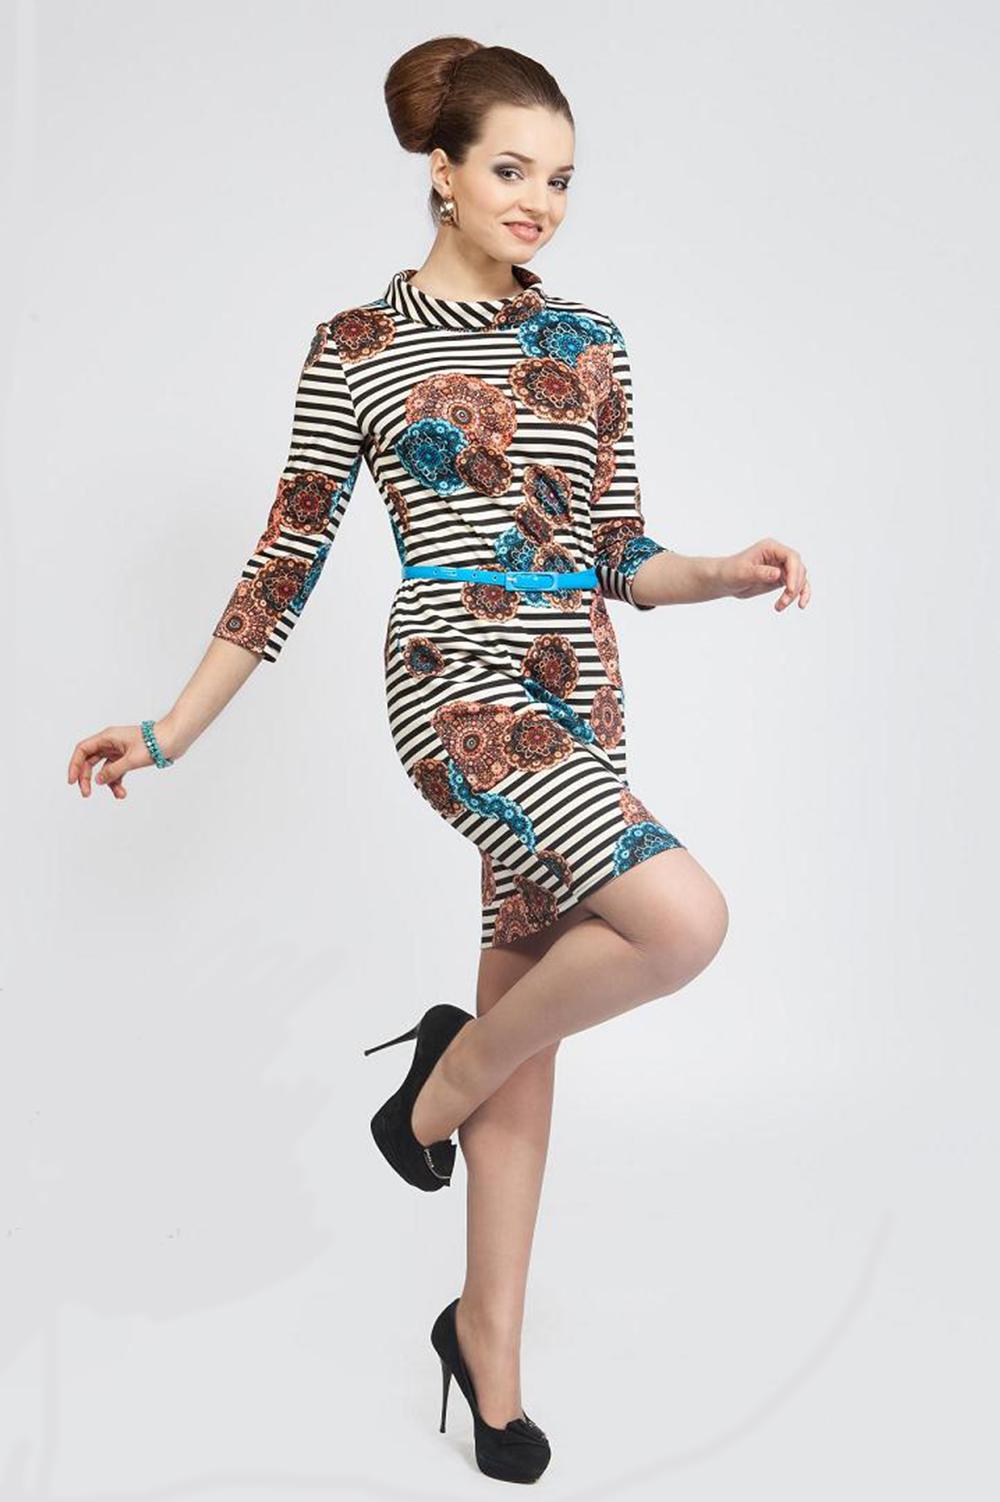 ПлатьеПлатья<br>Женское платье с рукавами 3/4. Модель выполнена из приятного материала. Отличный выбор для повседневного гардероба. Платье без пояса.  Цвет: бежевый, черный, коричневый<br><br>Воротник: Стояче-отложной<br>По длине: До колена<br>По материалу: Вискоза,Трикотаж<br>По образу: Город,Свидание<br>По рисунку: В полоску,Растительные мотивы,Цветные,Цветочные<br>По сезону: Весна,Осень<br>По силуэту: Полуприталенные<br>По стилю: Повседневный стиль<br>По форме: Платье - футляр<br>Рукав: Рукав три четверти<br>Размер : 44,46,48,50<br>Материал: Трикотаж<br>Количество в наличии: 1